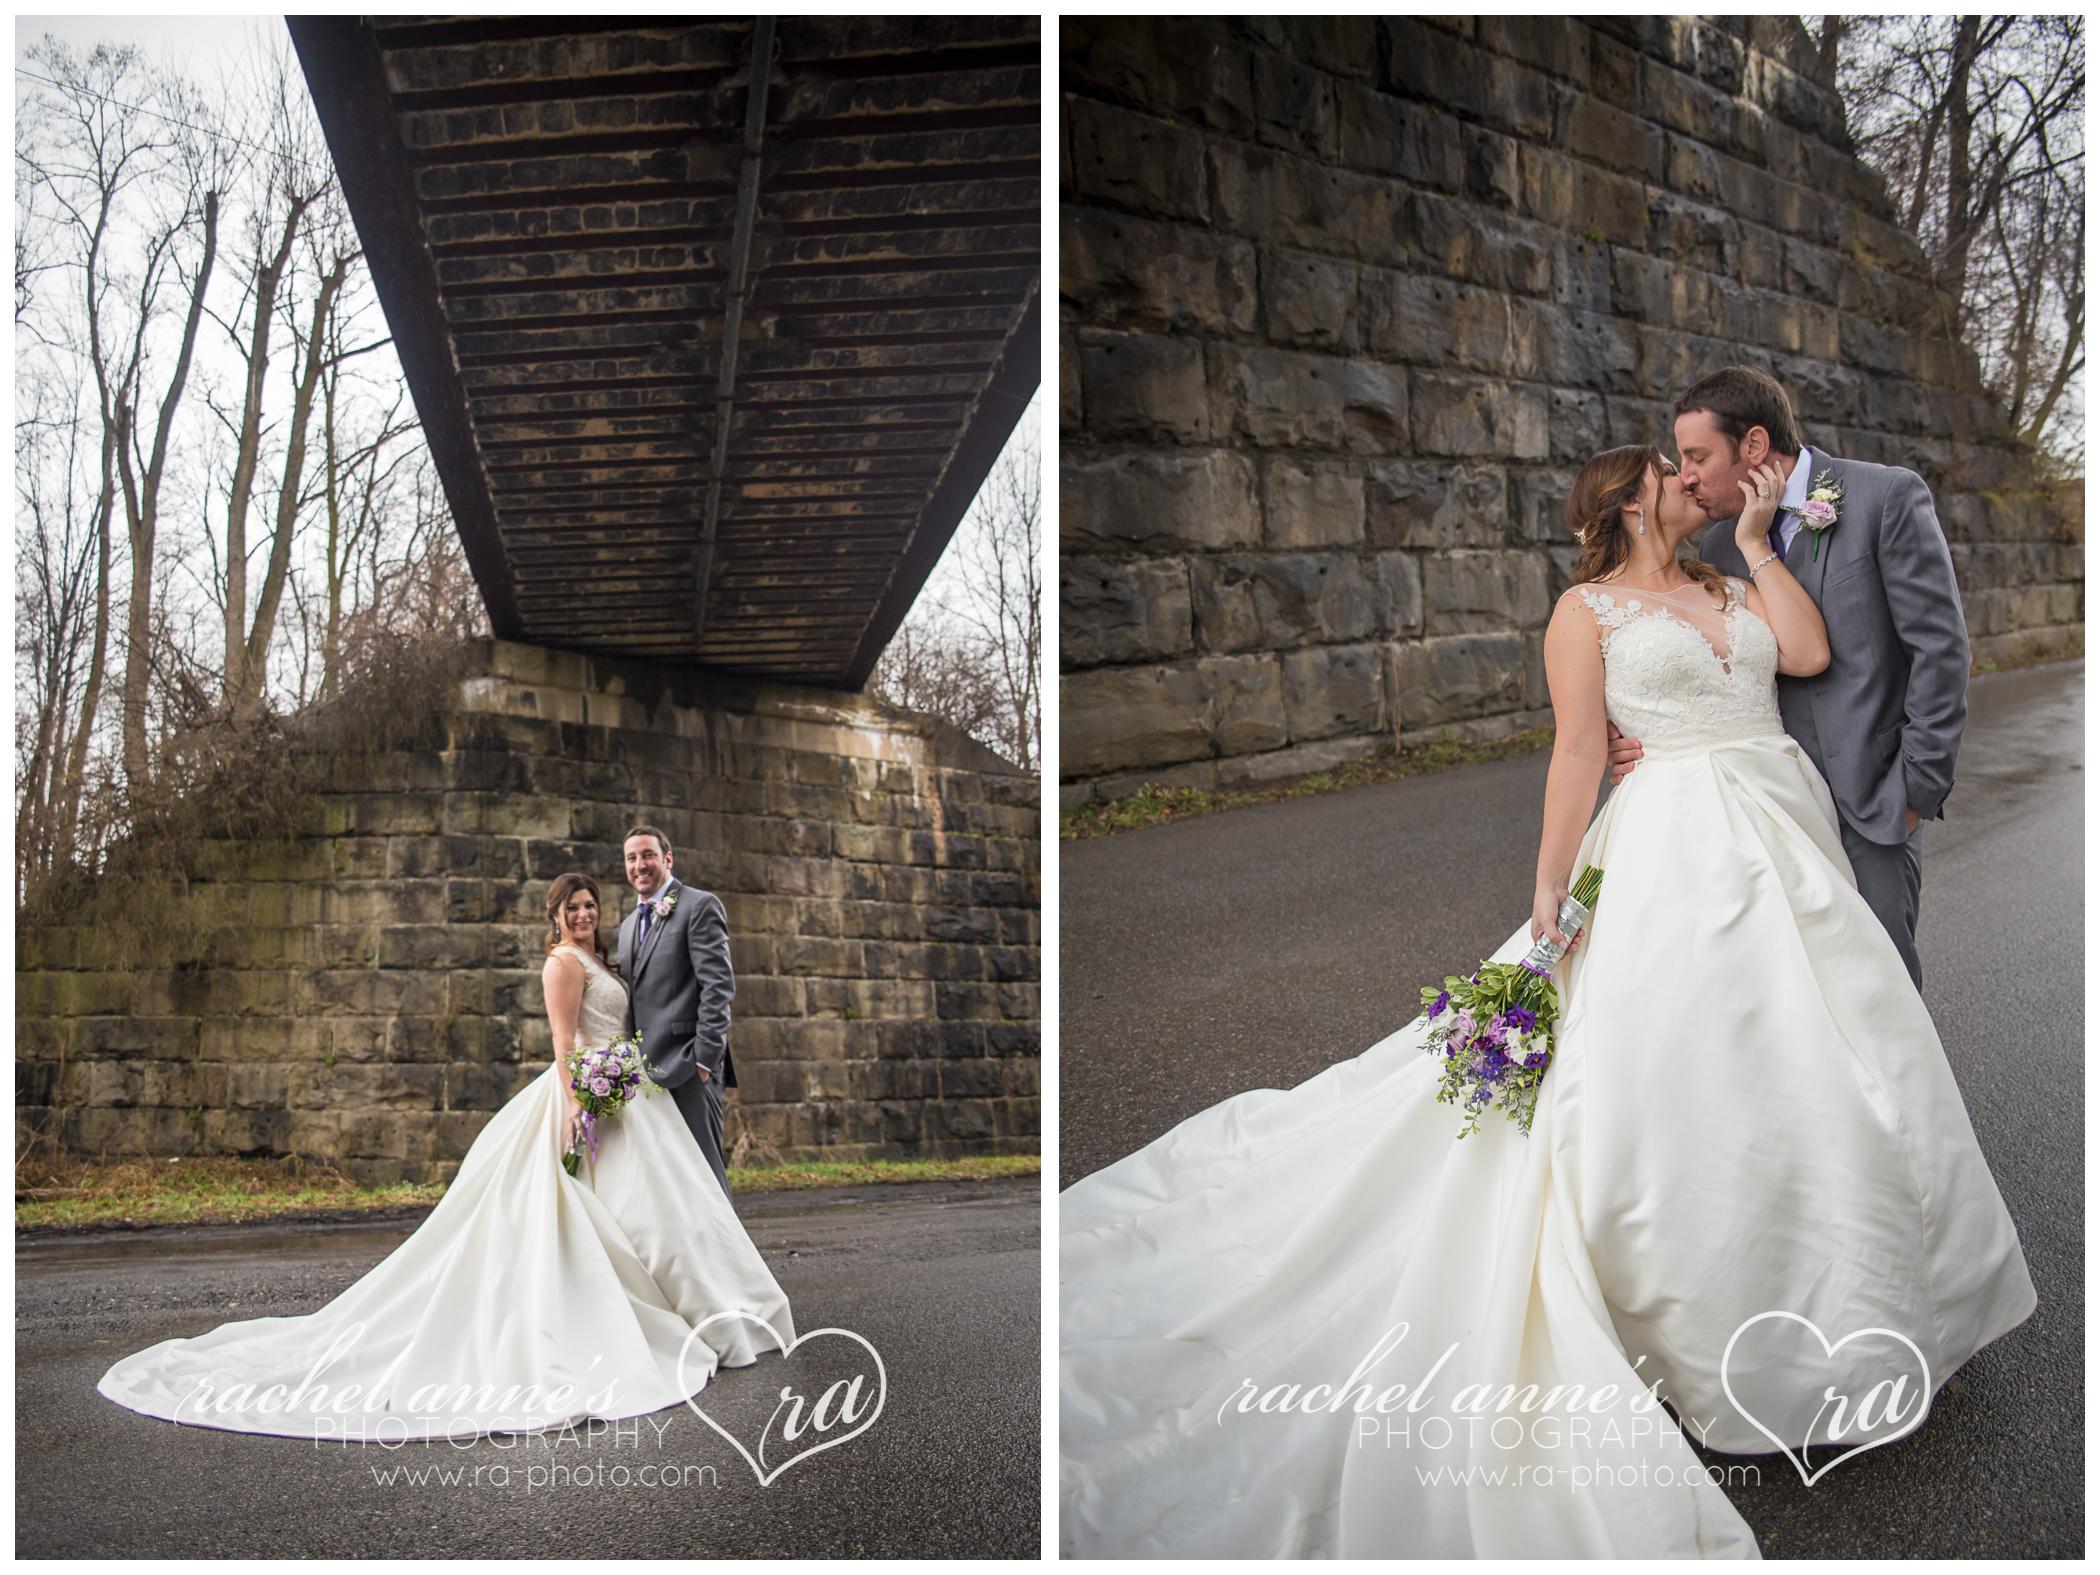 059-CAP-CURWENSVILLE-PA-TREASURE-LAKEVIEW-LODGE-WEDDINGS.jpg